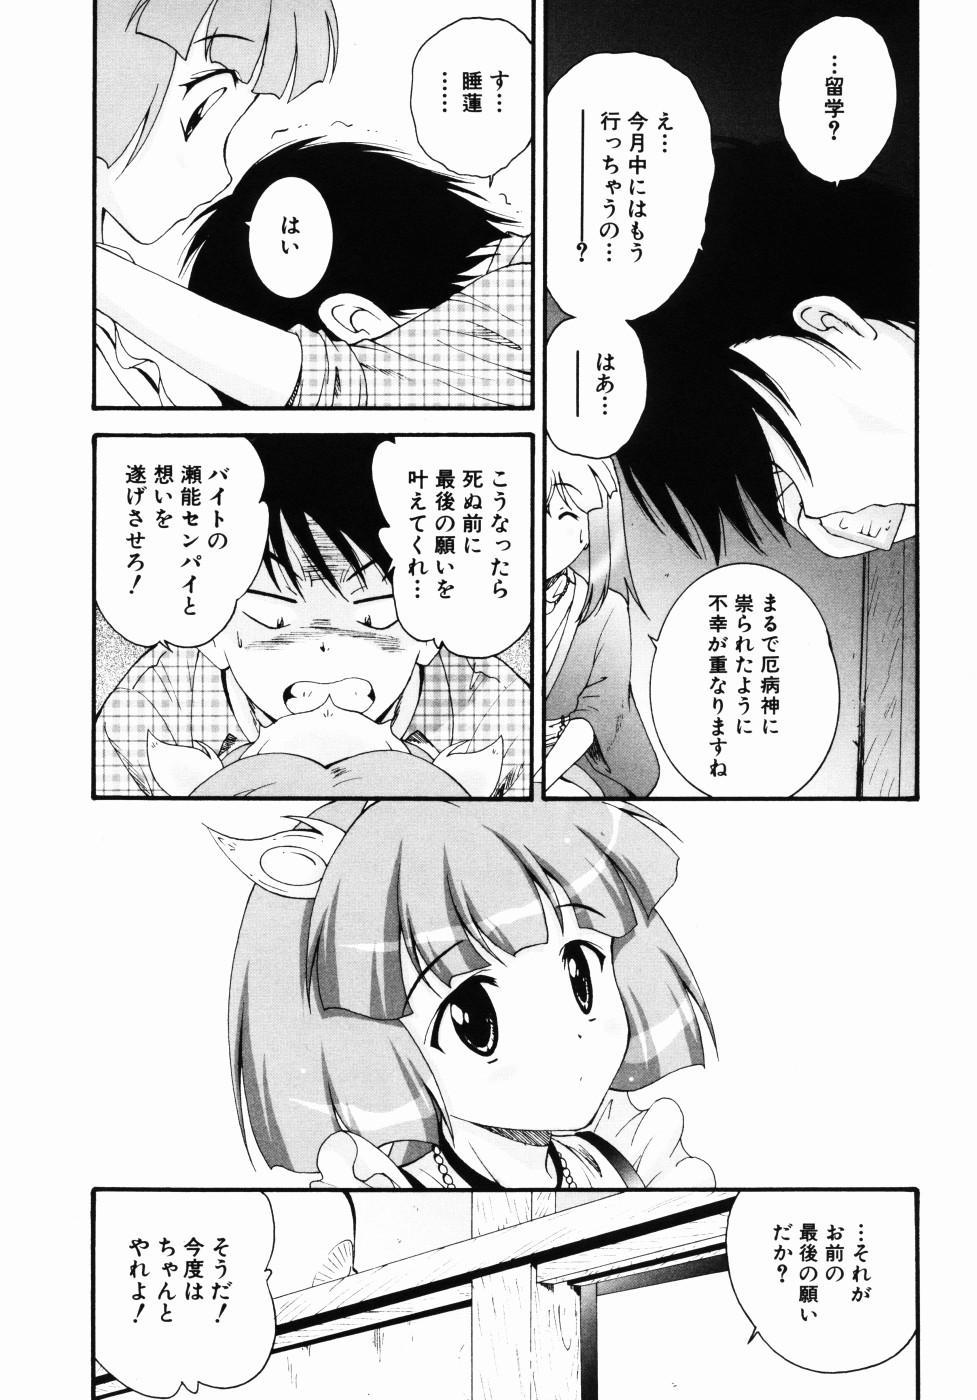 Daikyou Megami 131